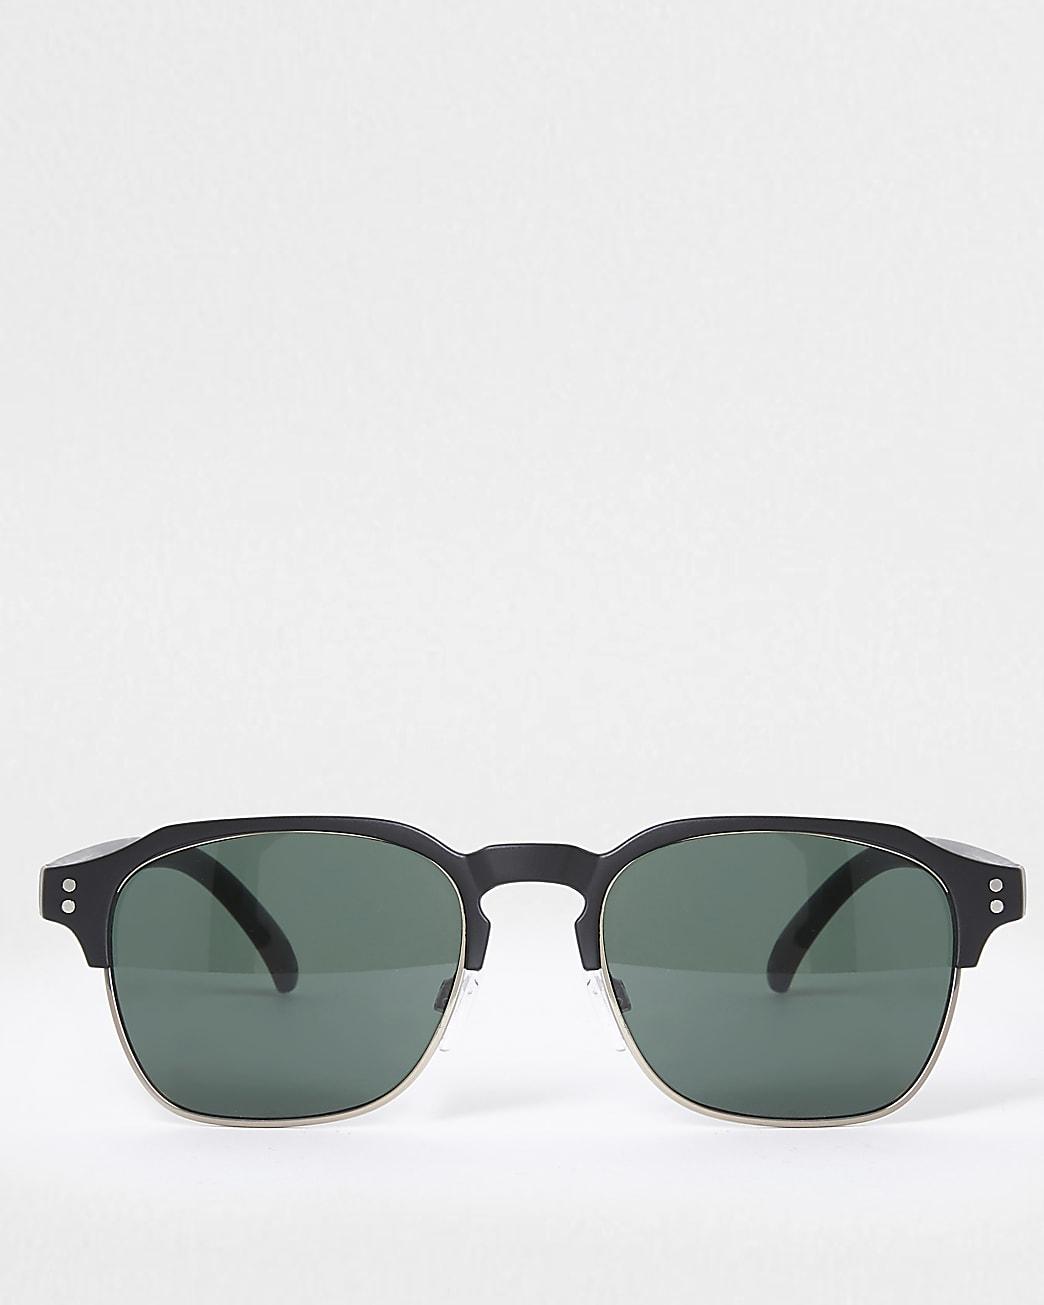 Black matte framed sunglasses